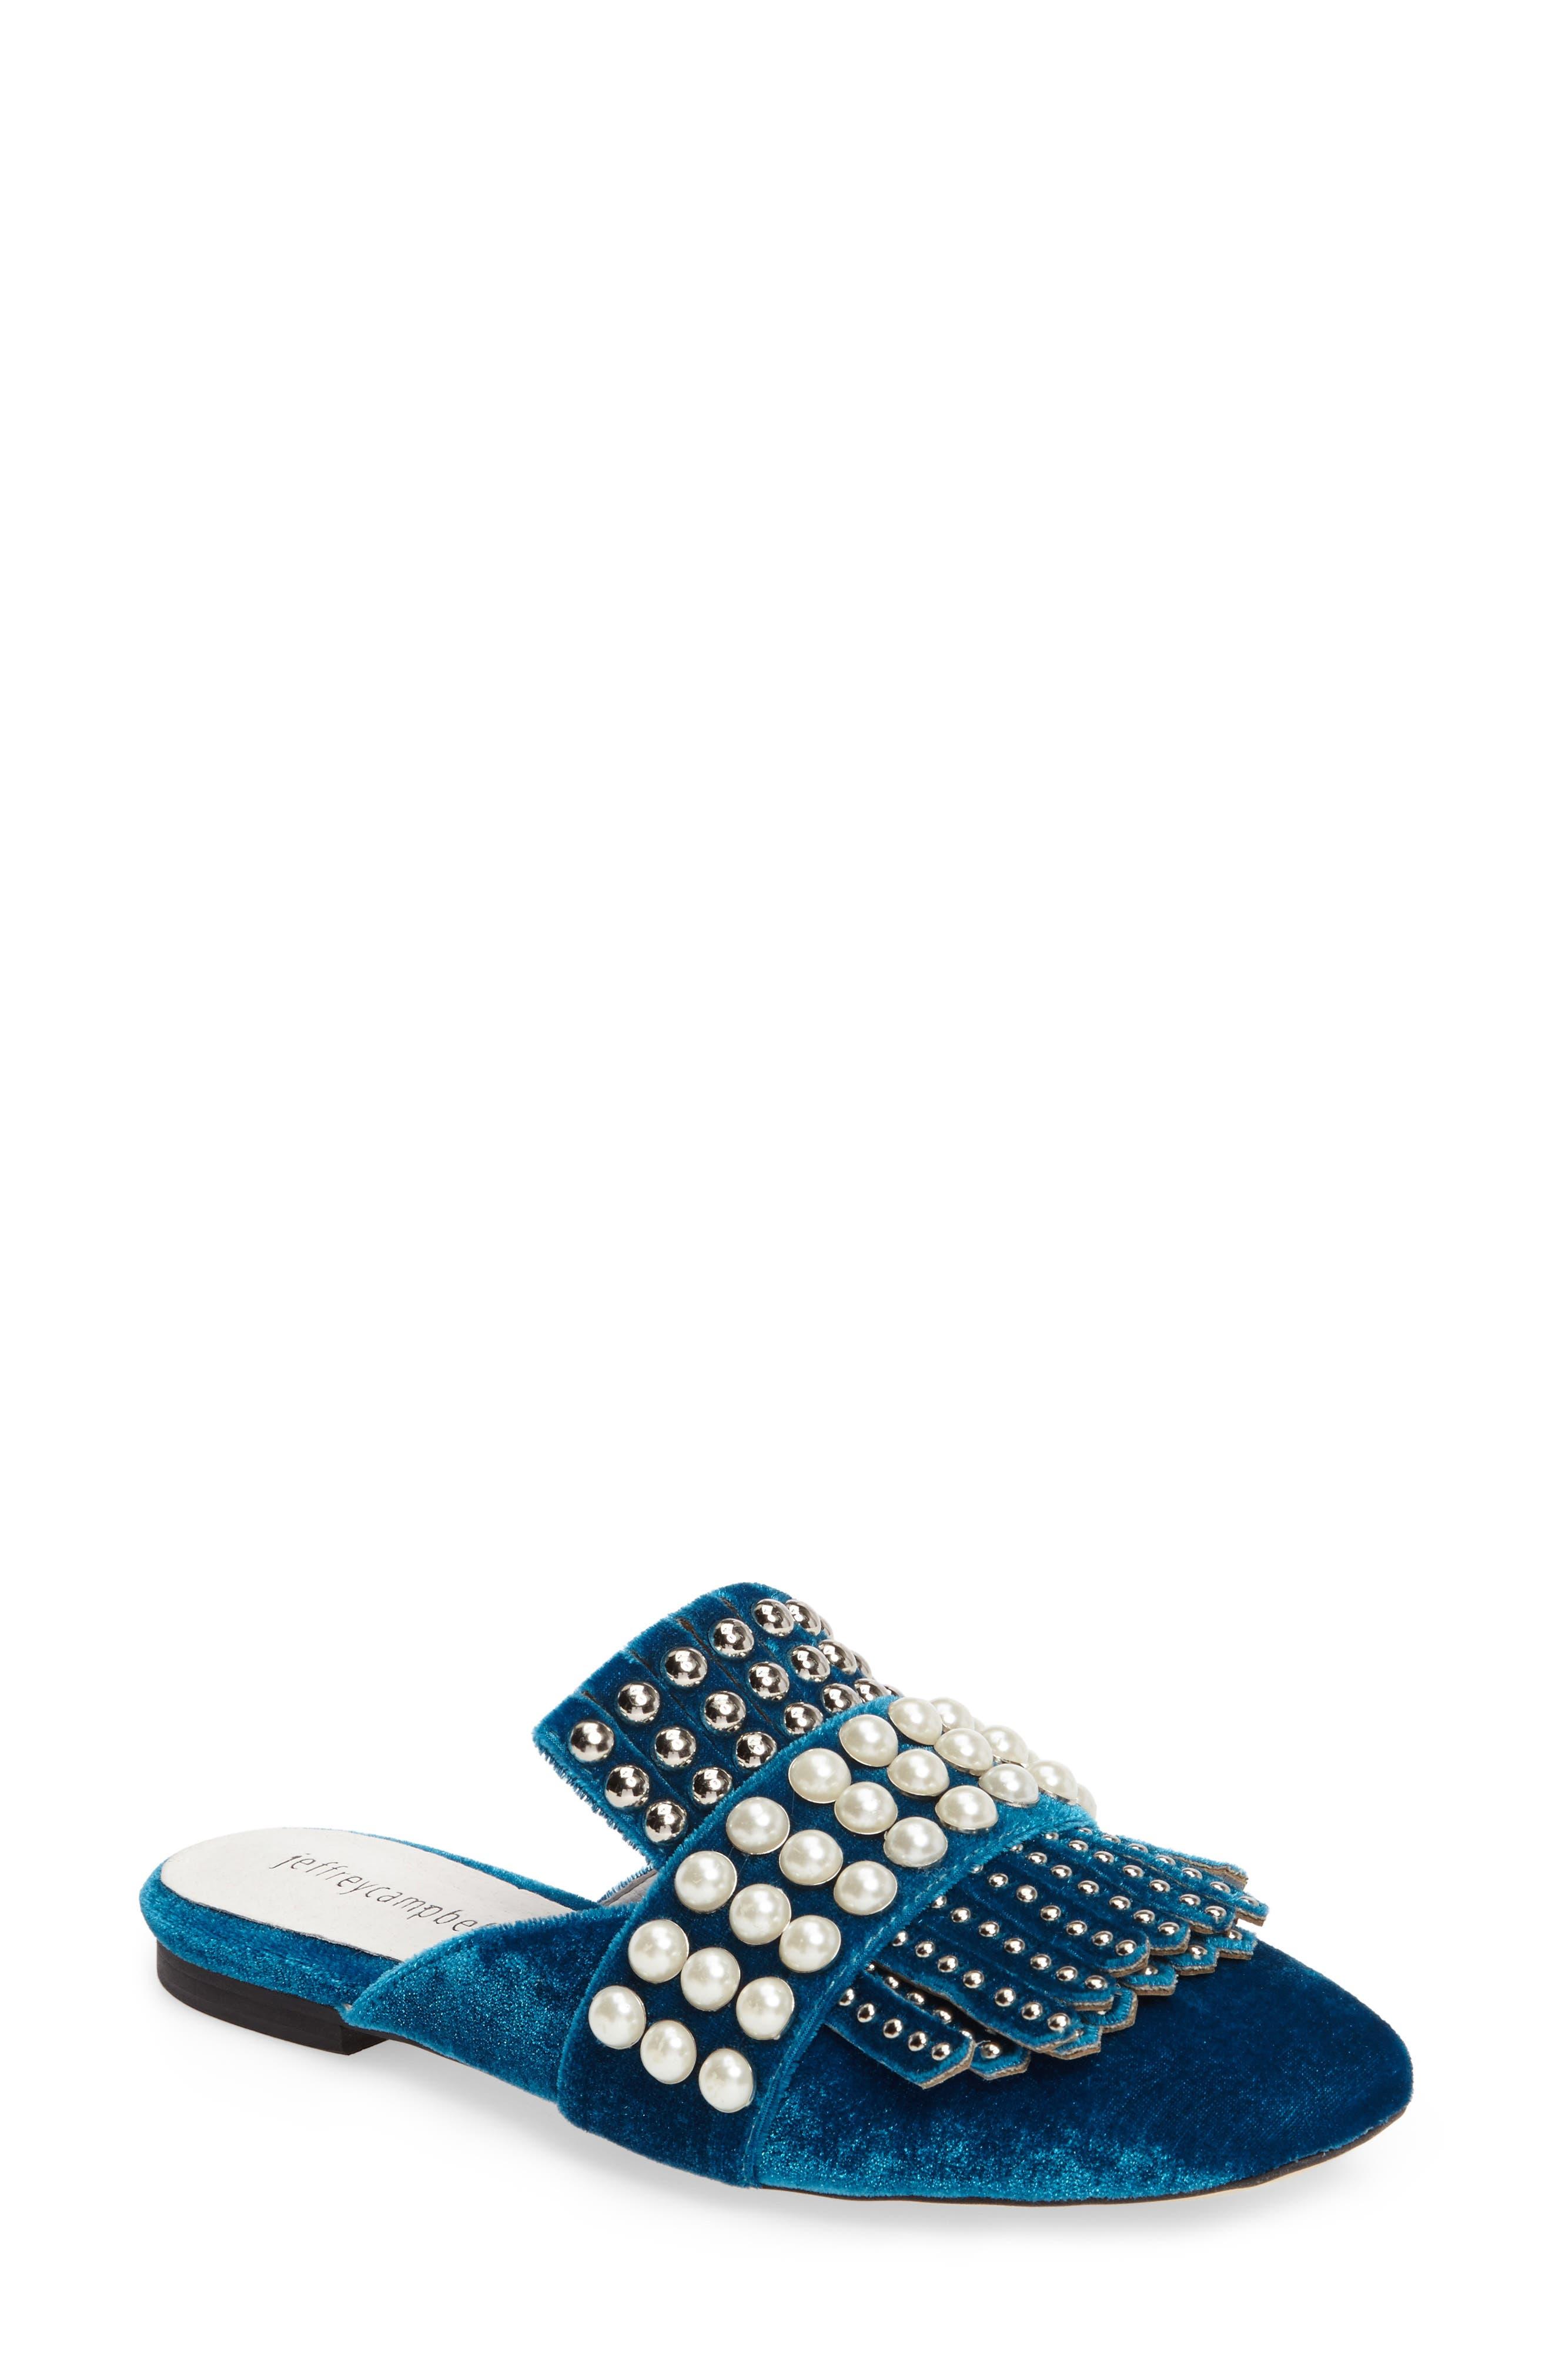 JEFFREY CAMPBELL Ravis Embellished Loafer Mule